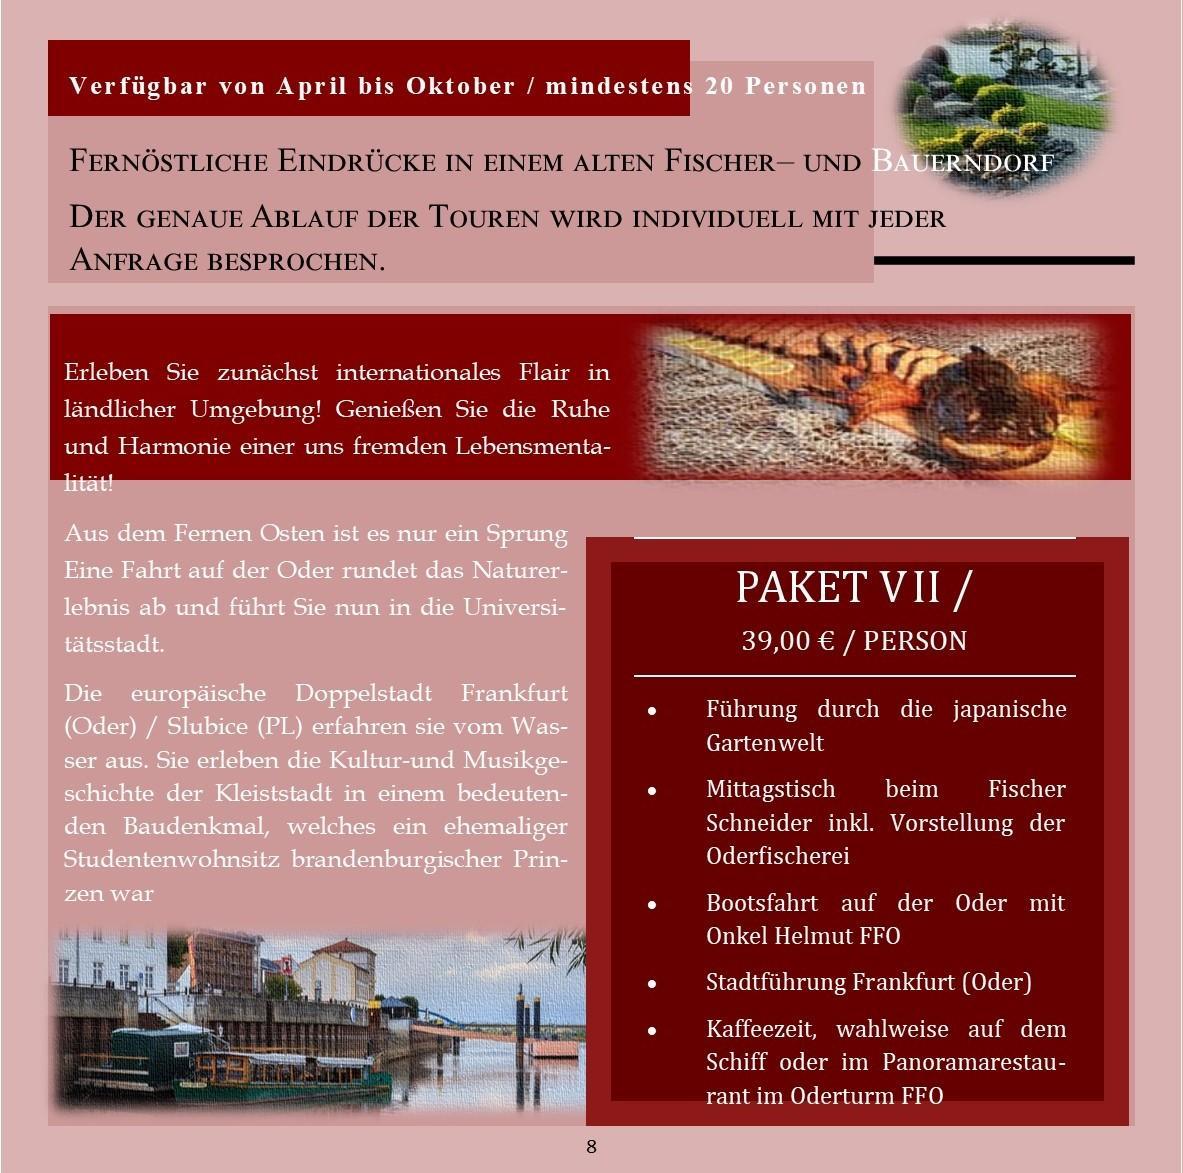 Reisearrangements_Tagestouren_Seite8